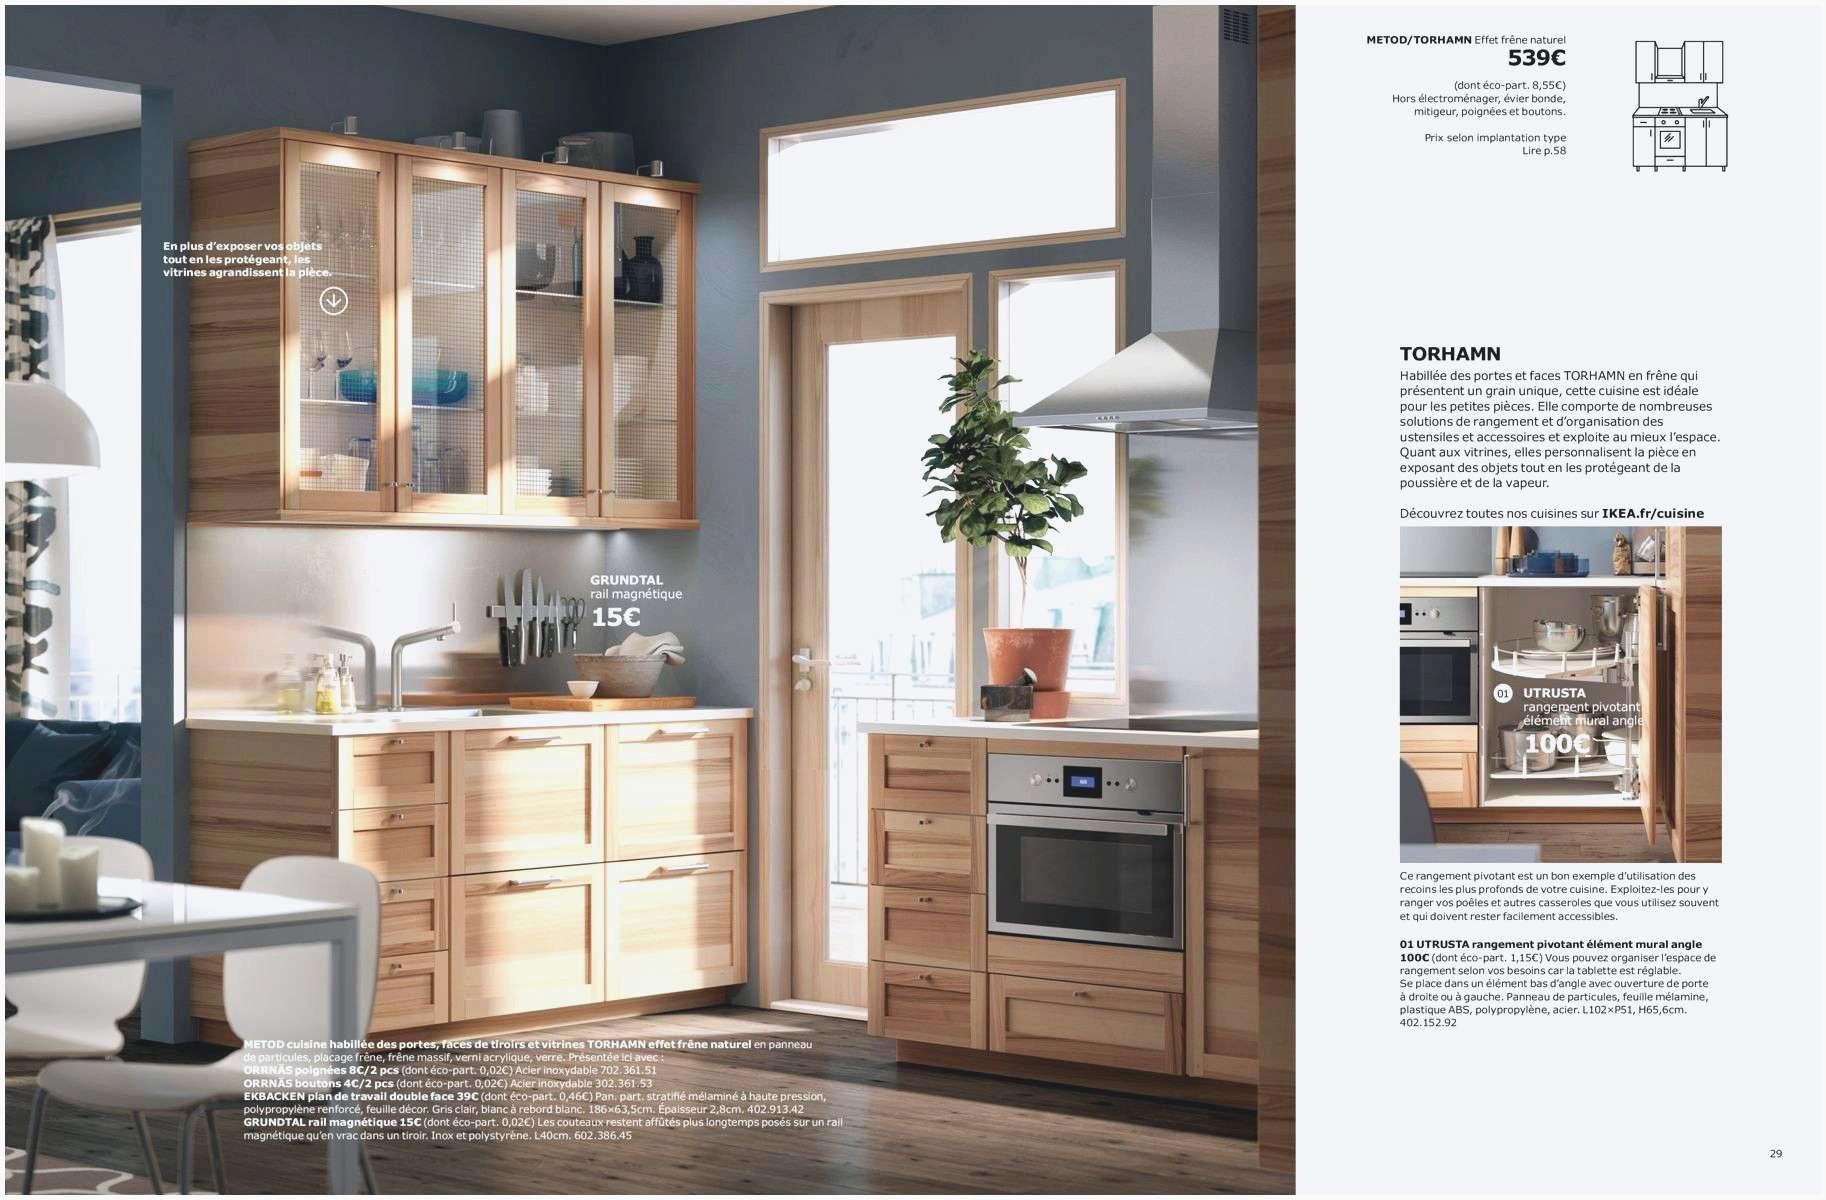 meuble d angle haut cuisine dimension meuble haut cuisine de meuble d angle haut cuisine of meuble d angle haut cuisine